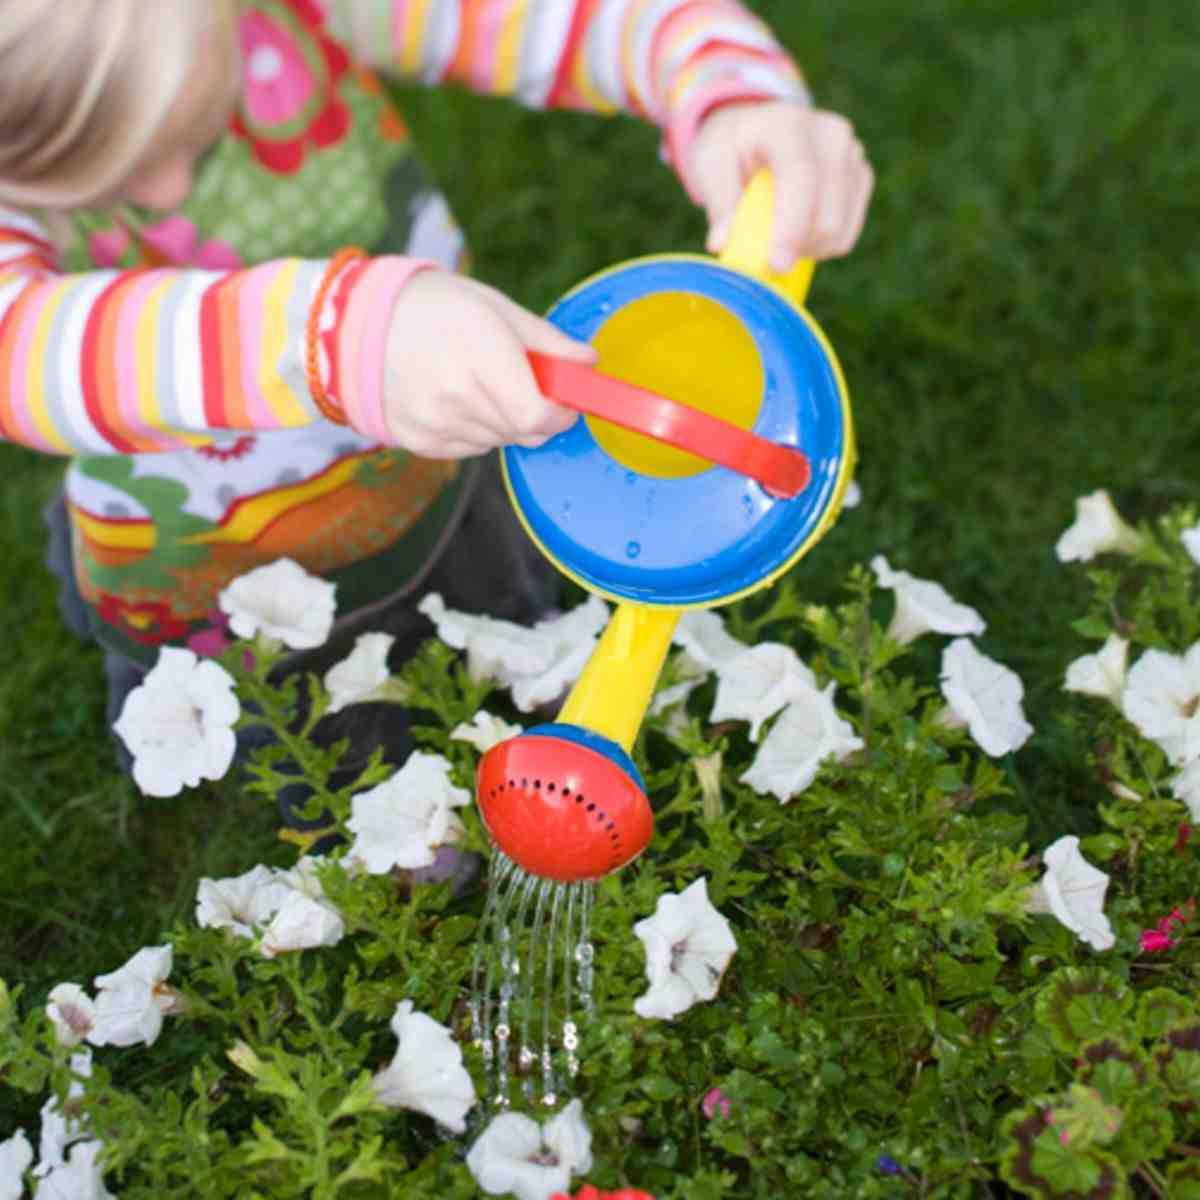 Comment arroser correctement le jardin?